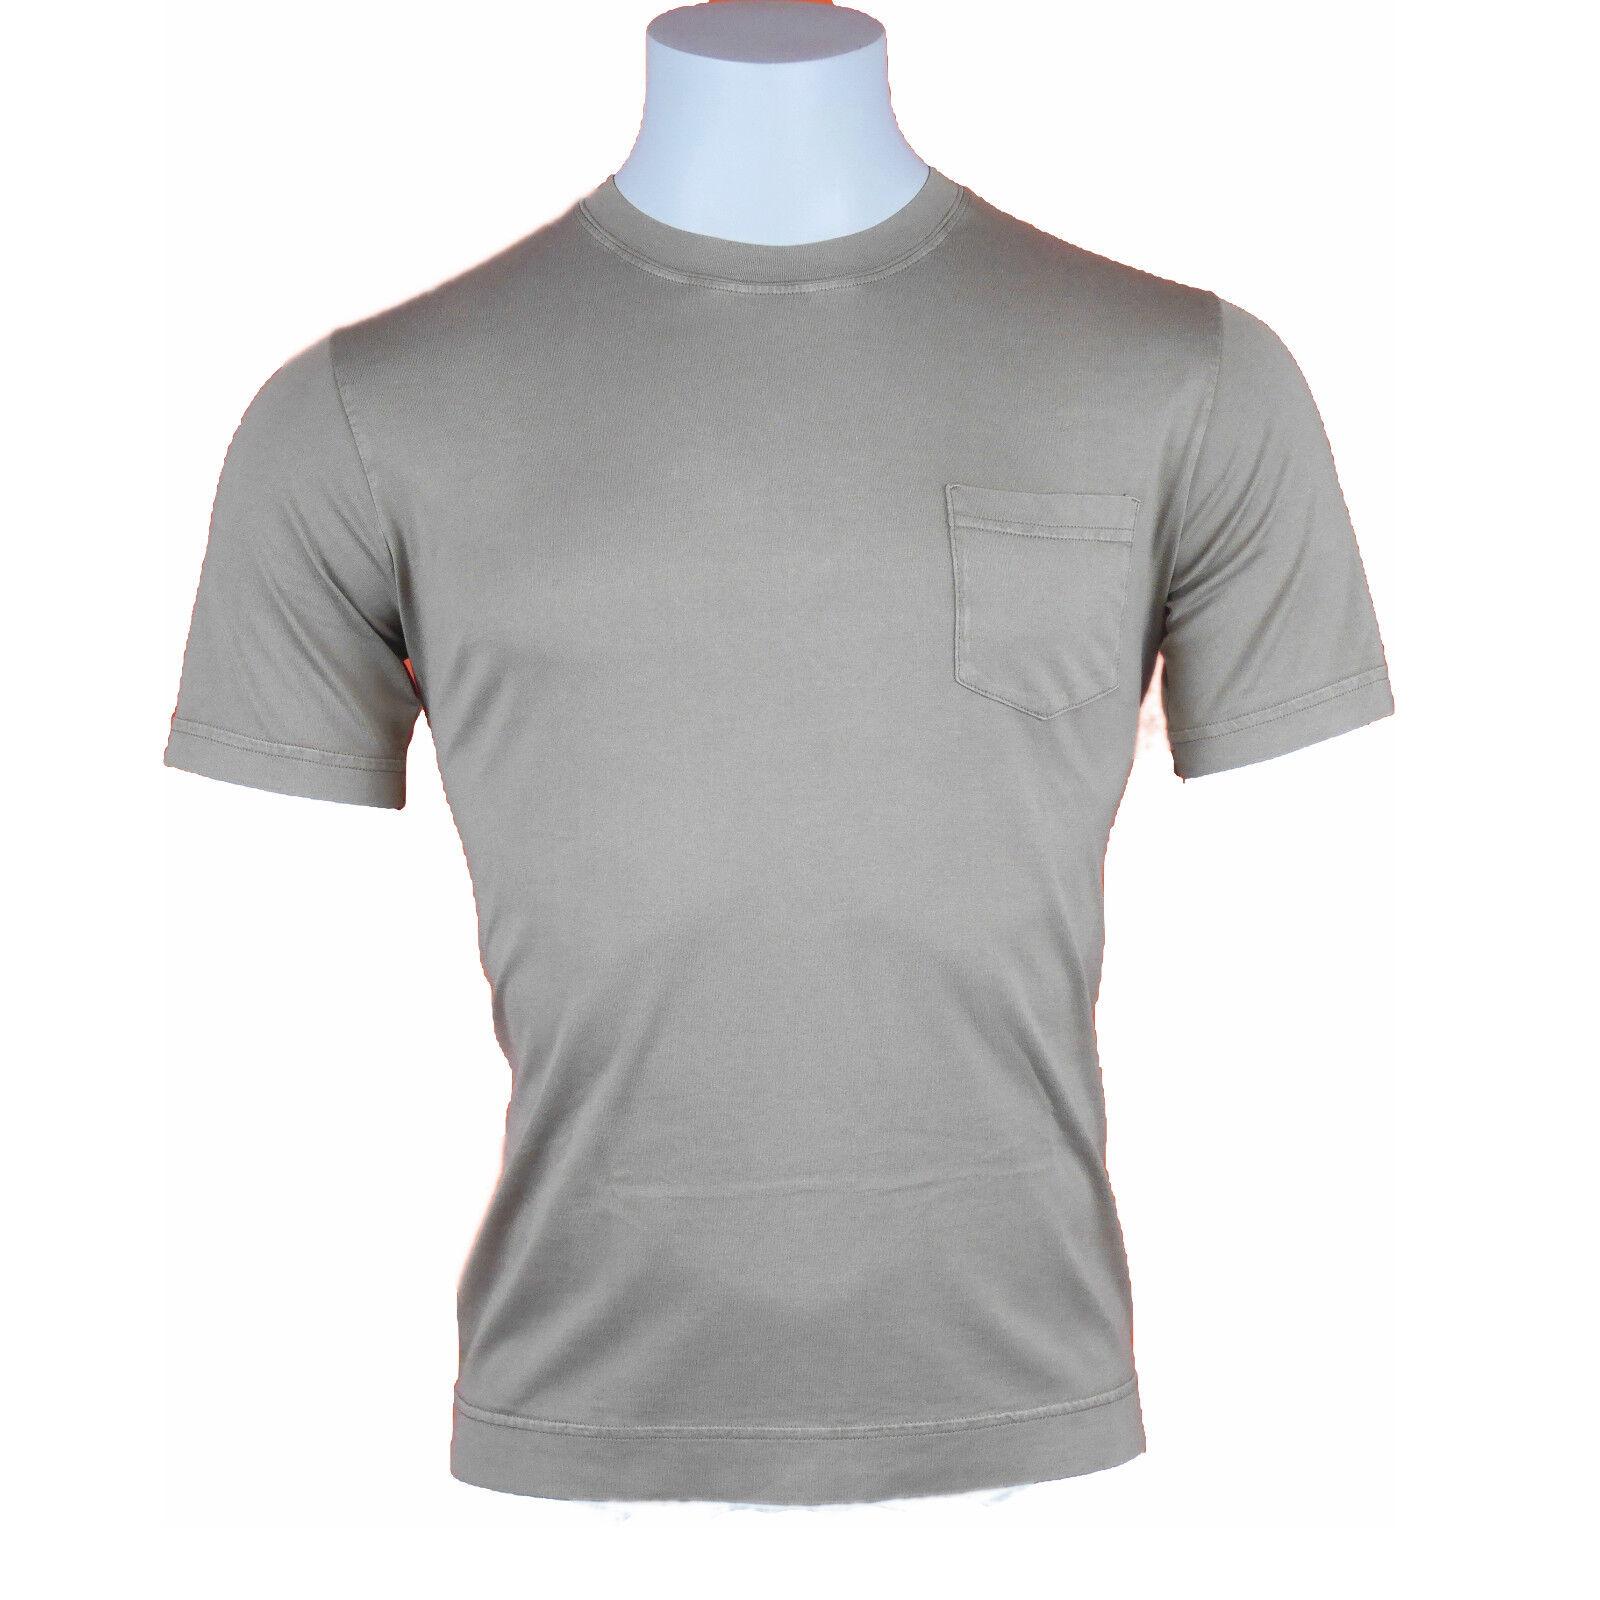 Fedeli Rundhals-Shirt Baumwolle brown kurzarm Gr. 50 (ehem. UVP  125,00)